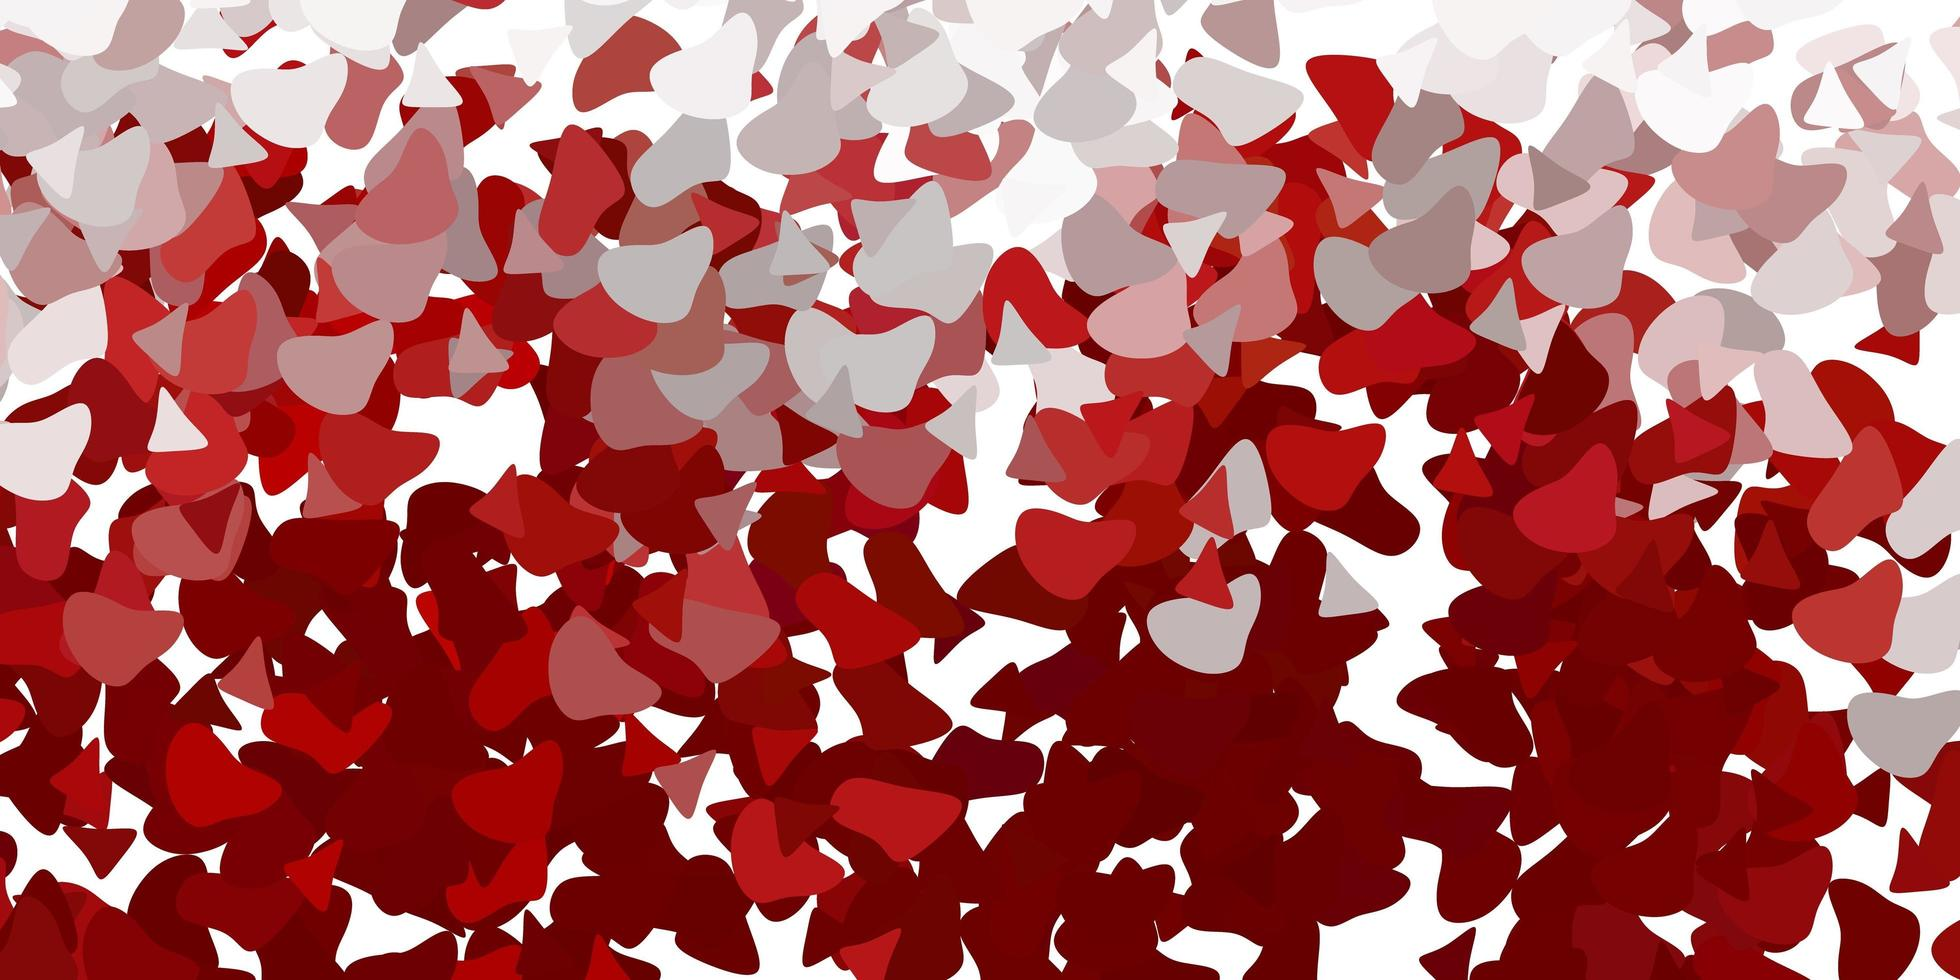 röd mall med abstrakta former. vektor